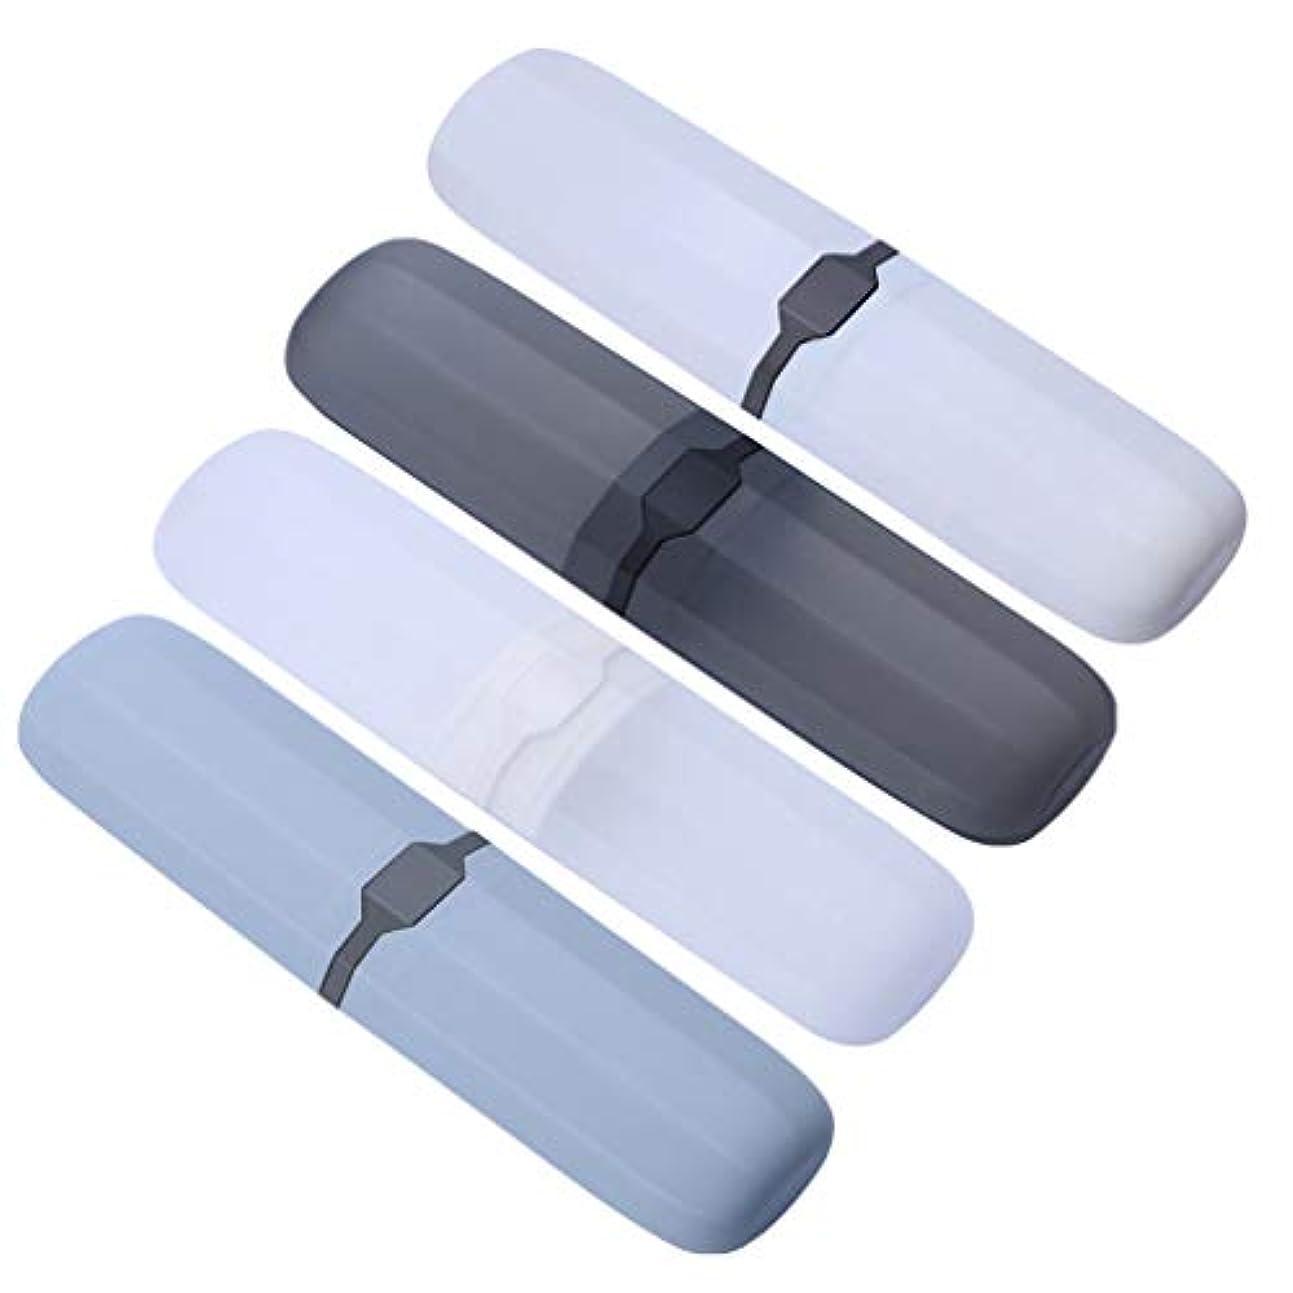 絞る地獄法律Healifty Toothbrush Case Portable Toothpaste Storage Box for Travel 4PCS